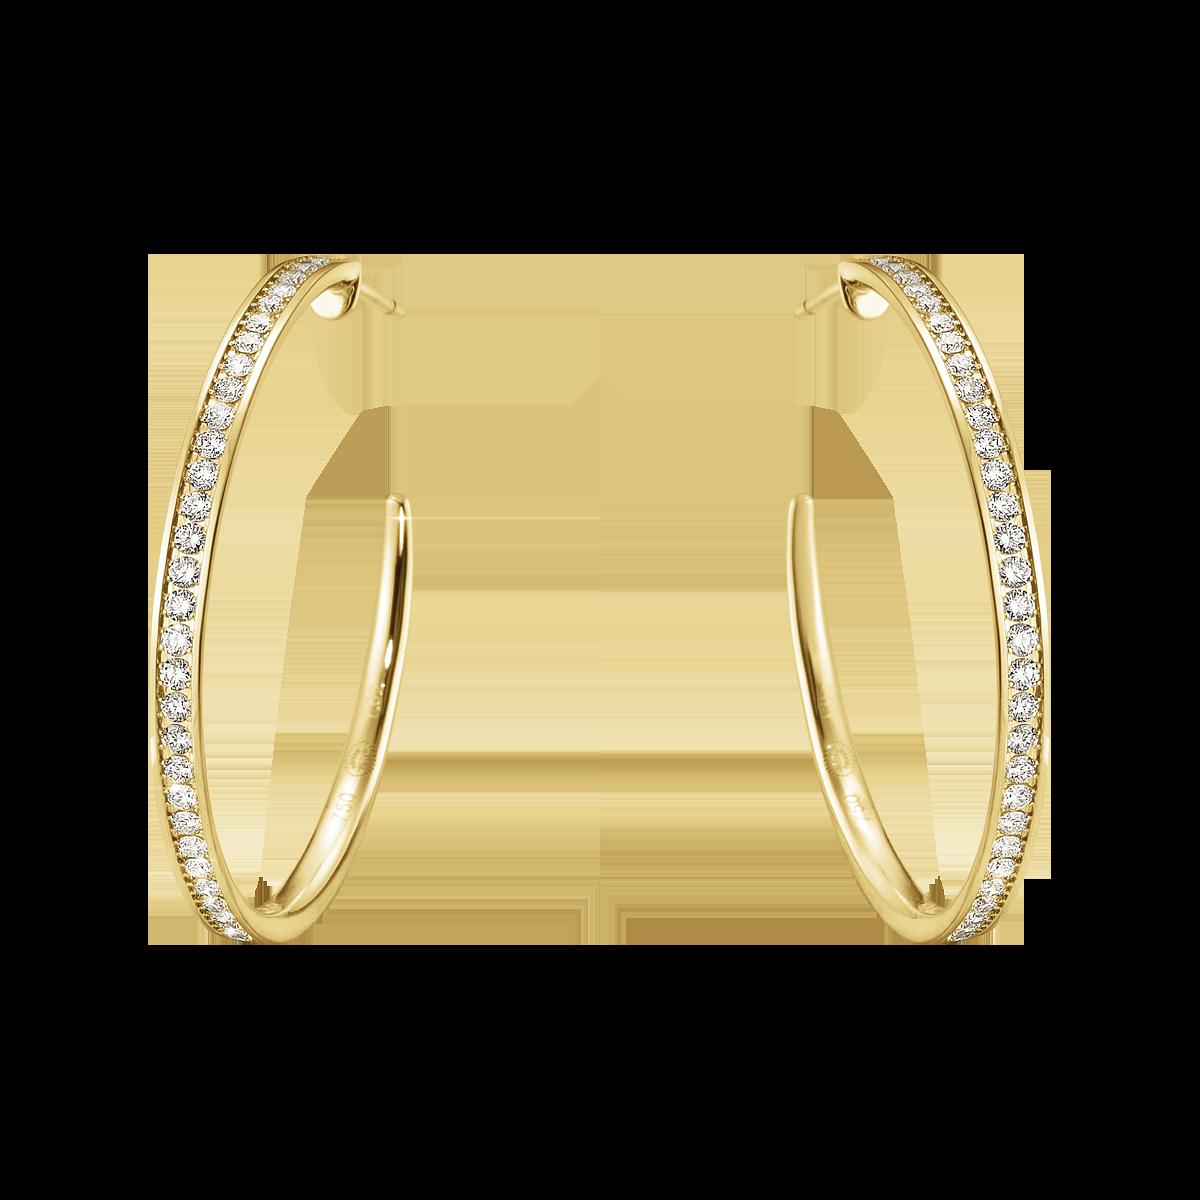 Georg Jensen Classique øreringe 18 kt. guld med diamanter